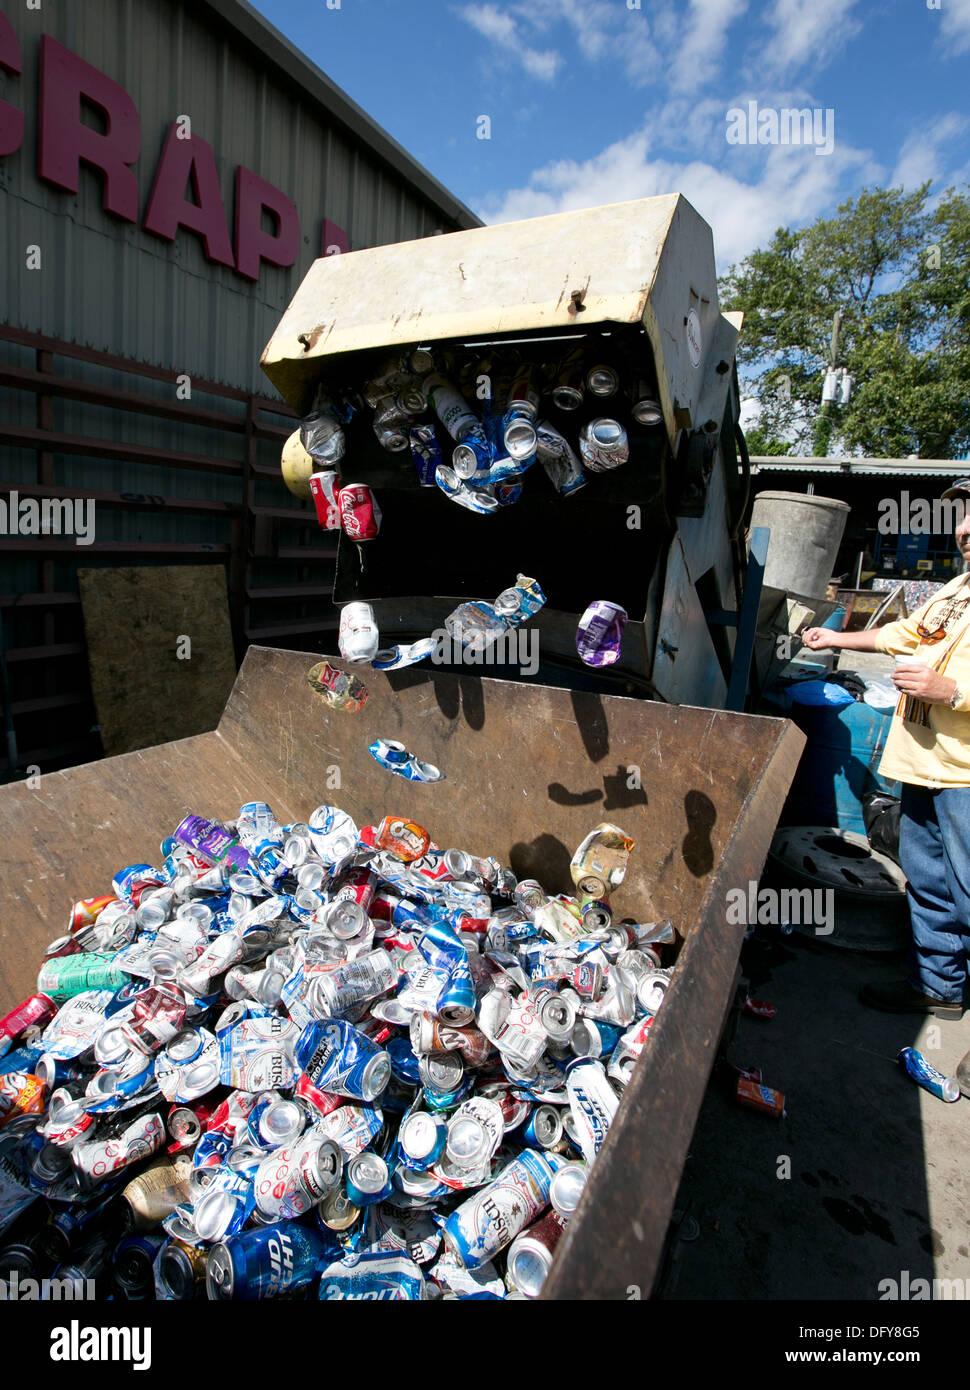 Los empleados varones usan la máquina para aplastar las latas de aluminio en una empresa de reciclaje de metales en Texas Imagen De Stock